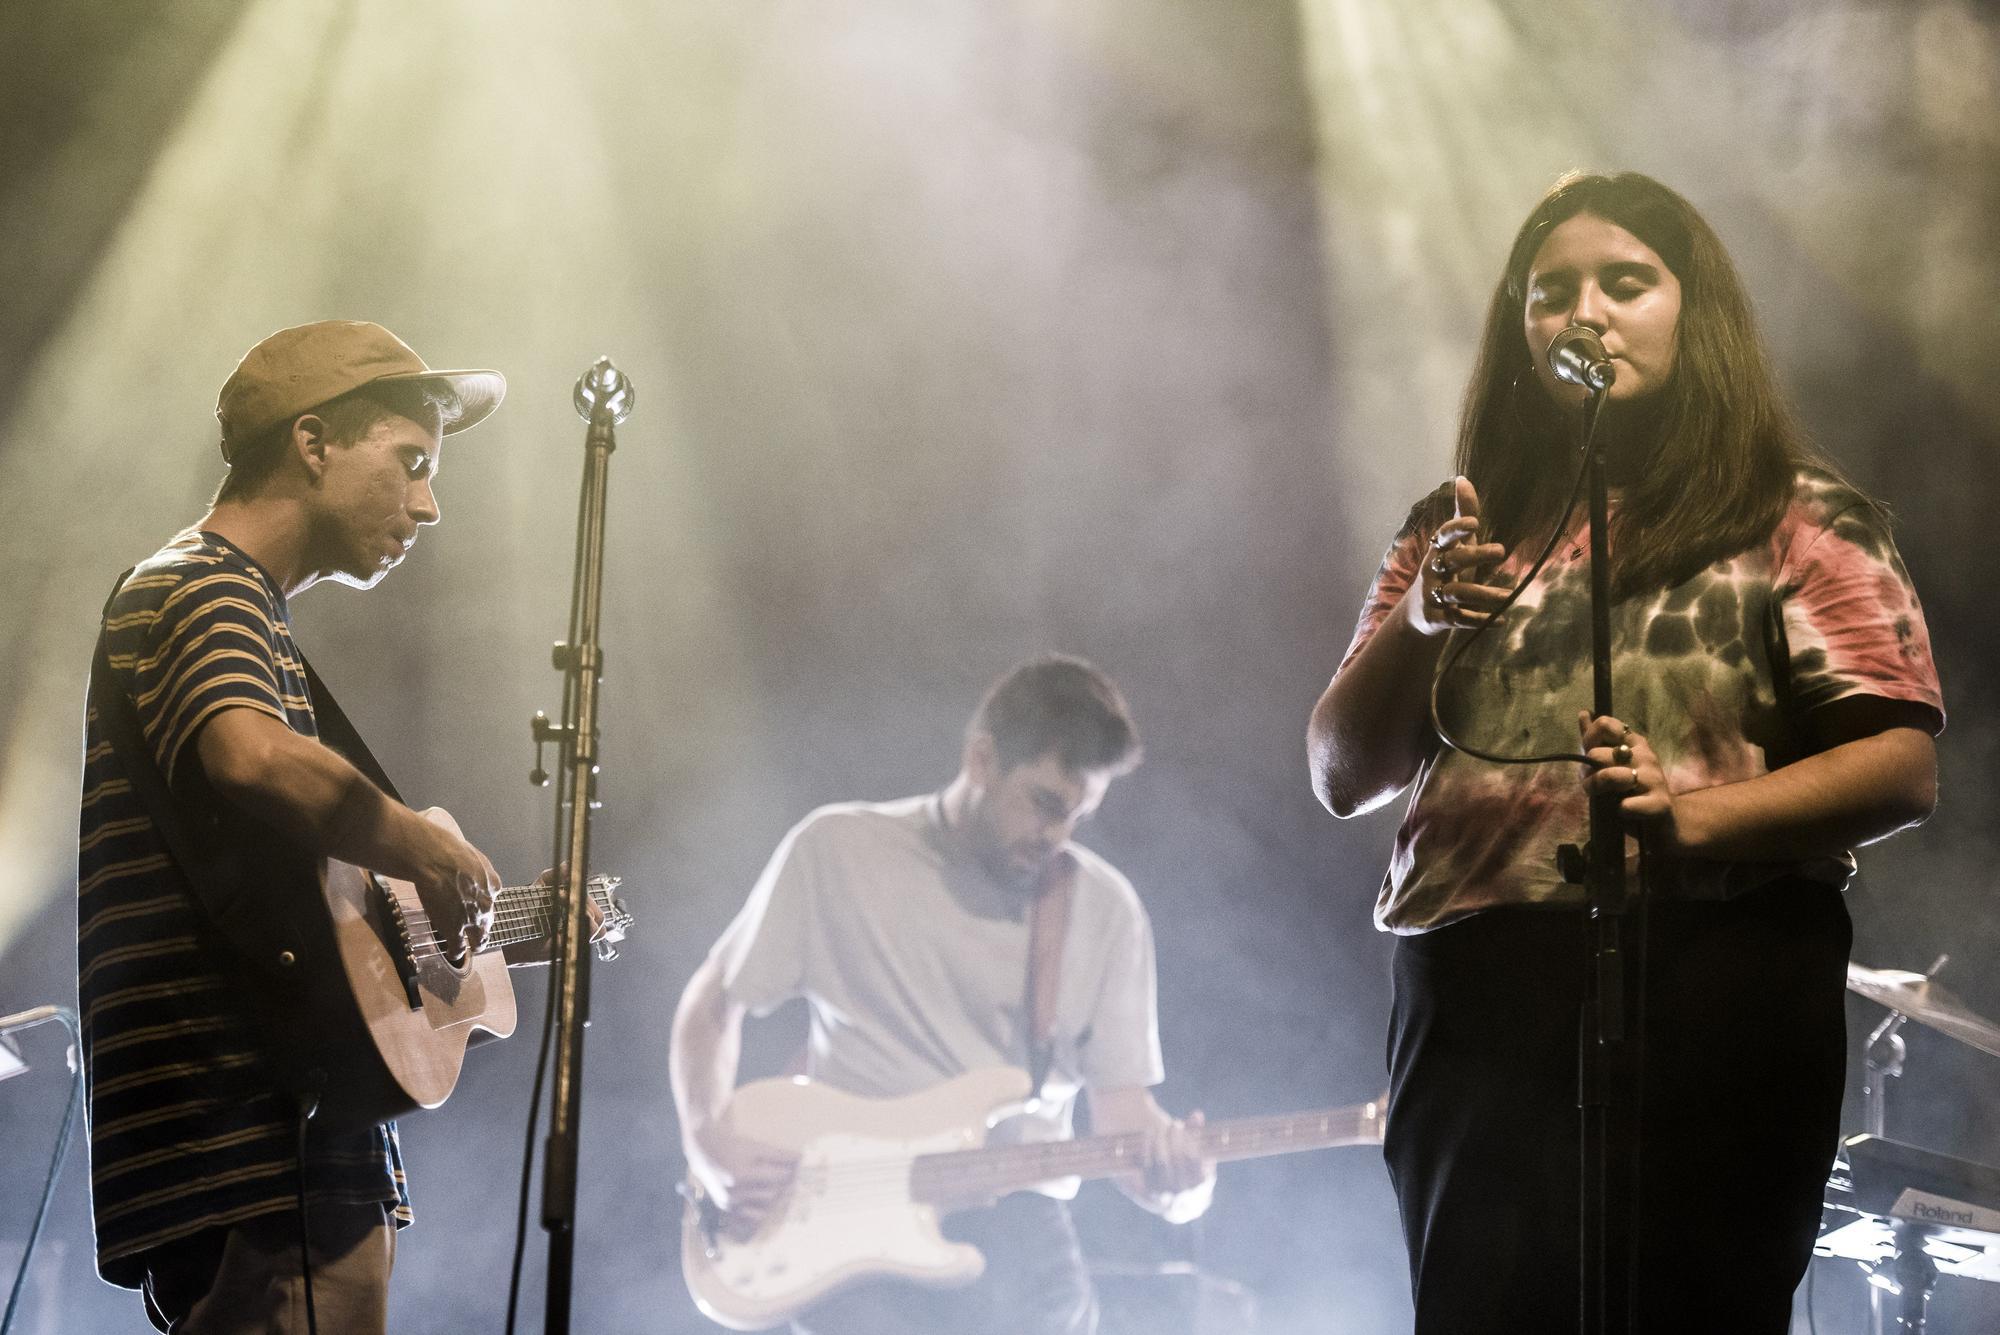 El FABA arrenca a la fàbrica de l'Anònima amb un triple concert Laura Serrat